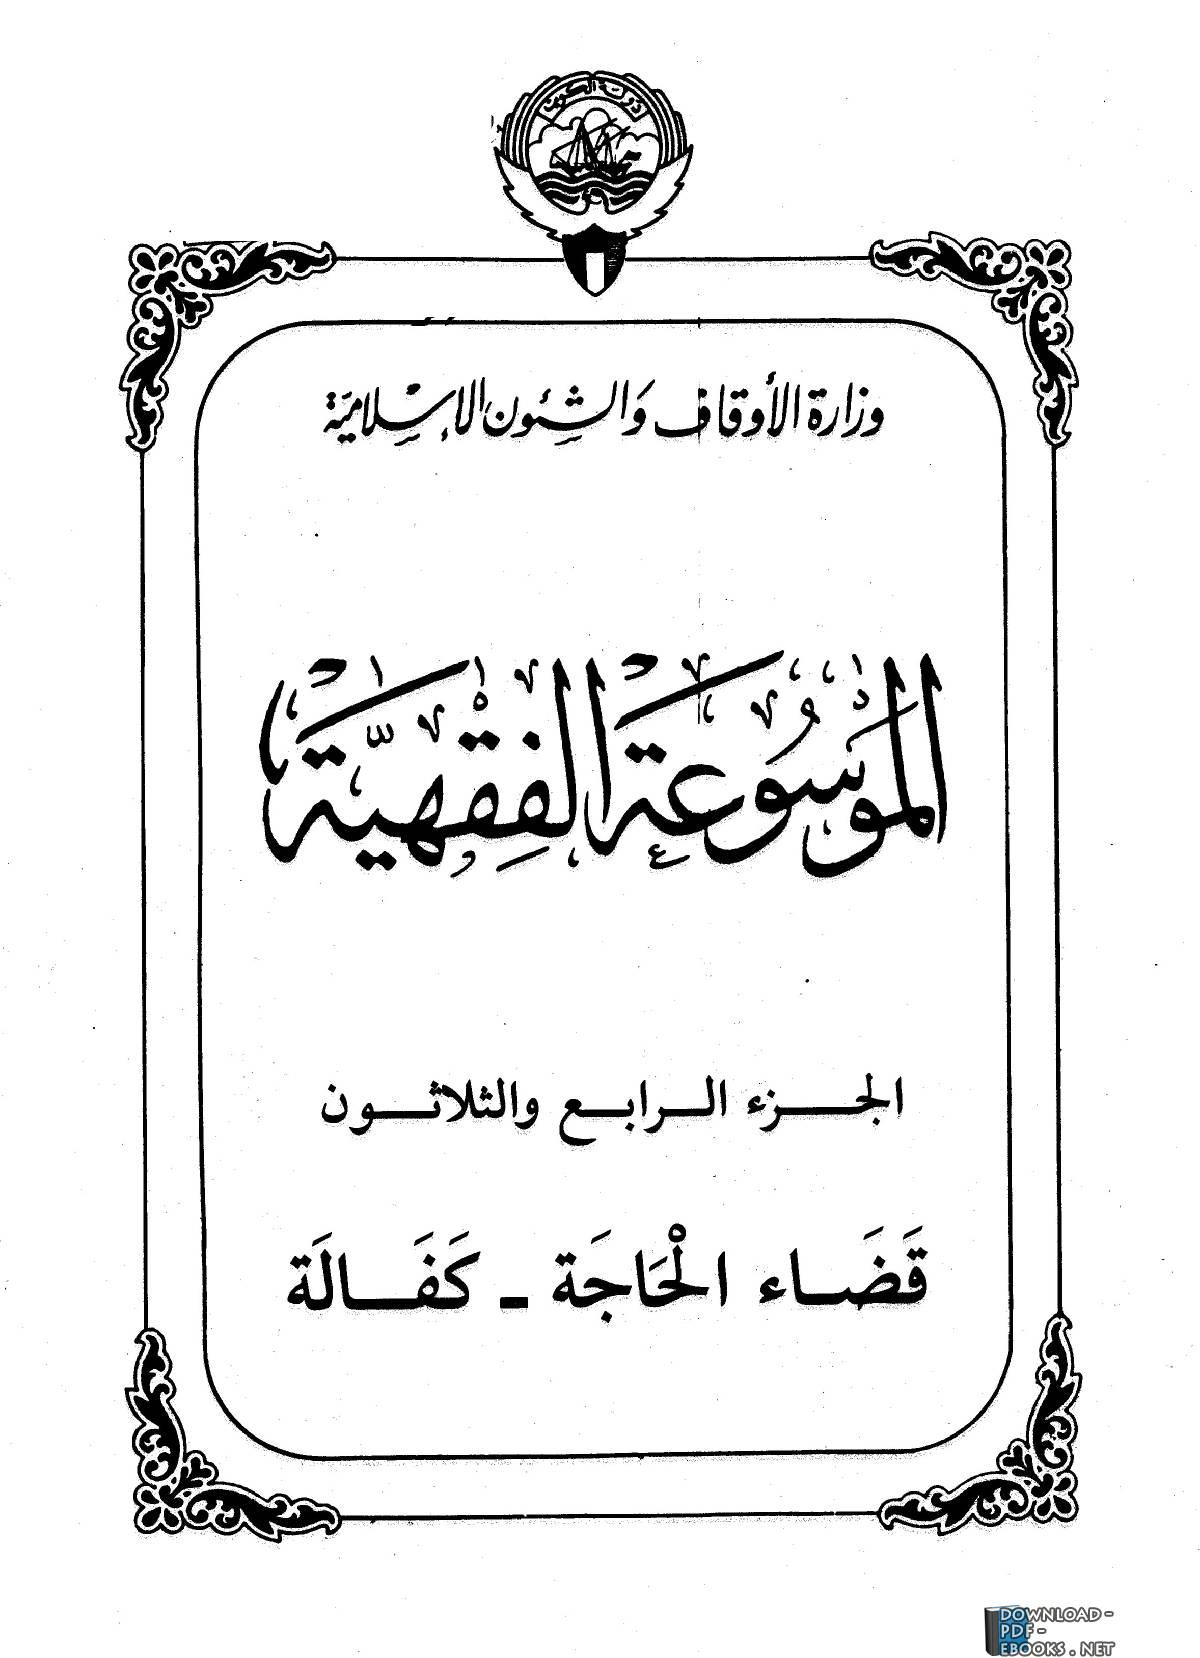 كتاب الموسوعة الفقهية الكويتية- الجزء الرابع والثلاثون (قضاء الحاجة – كفالة)